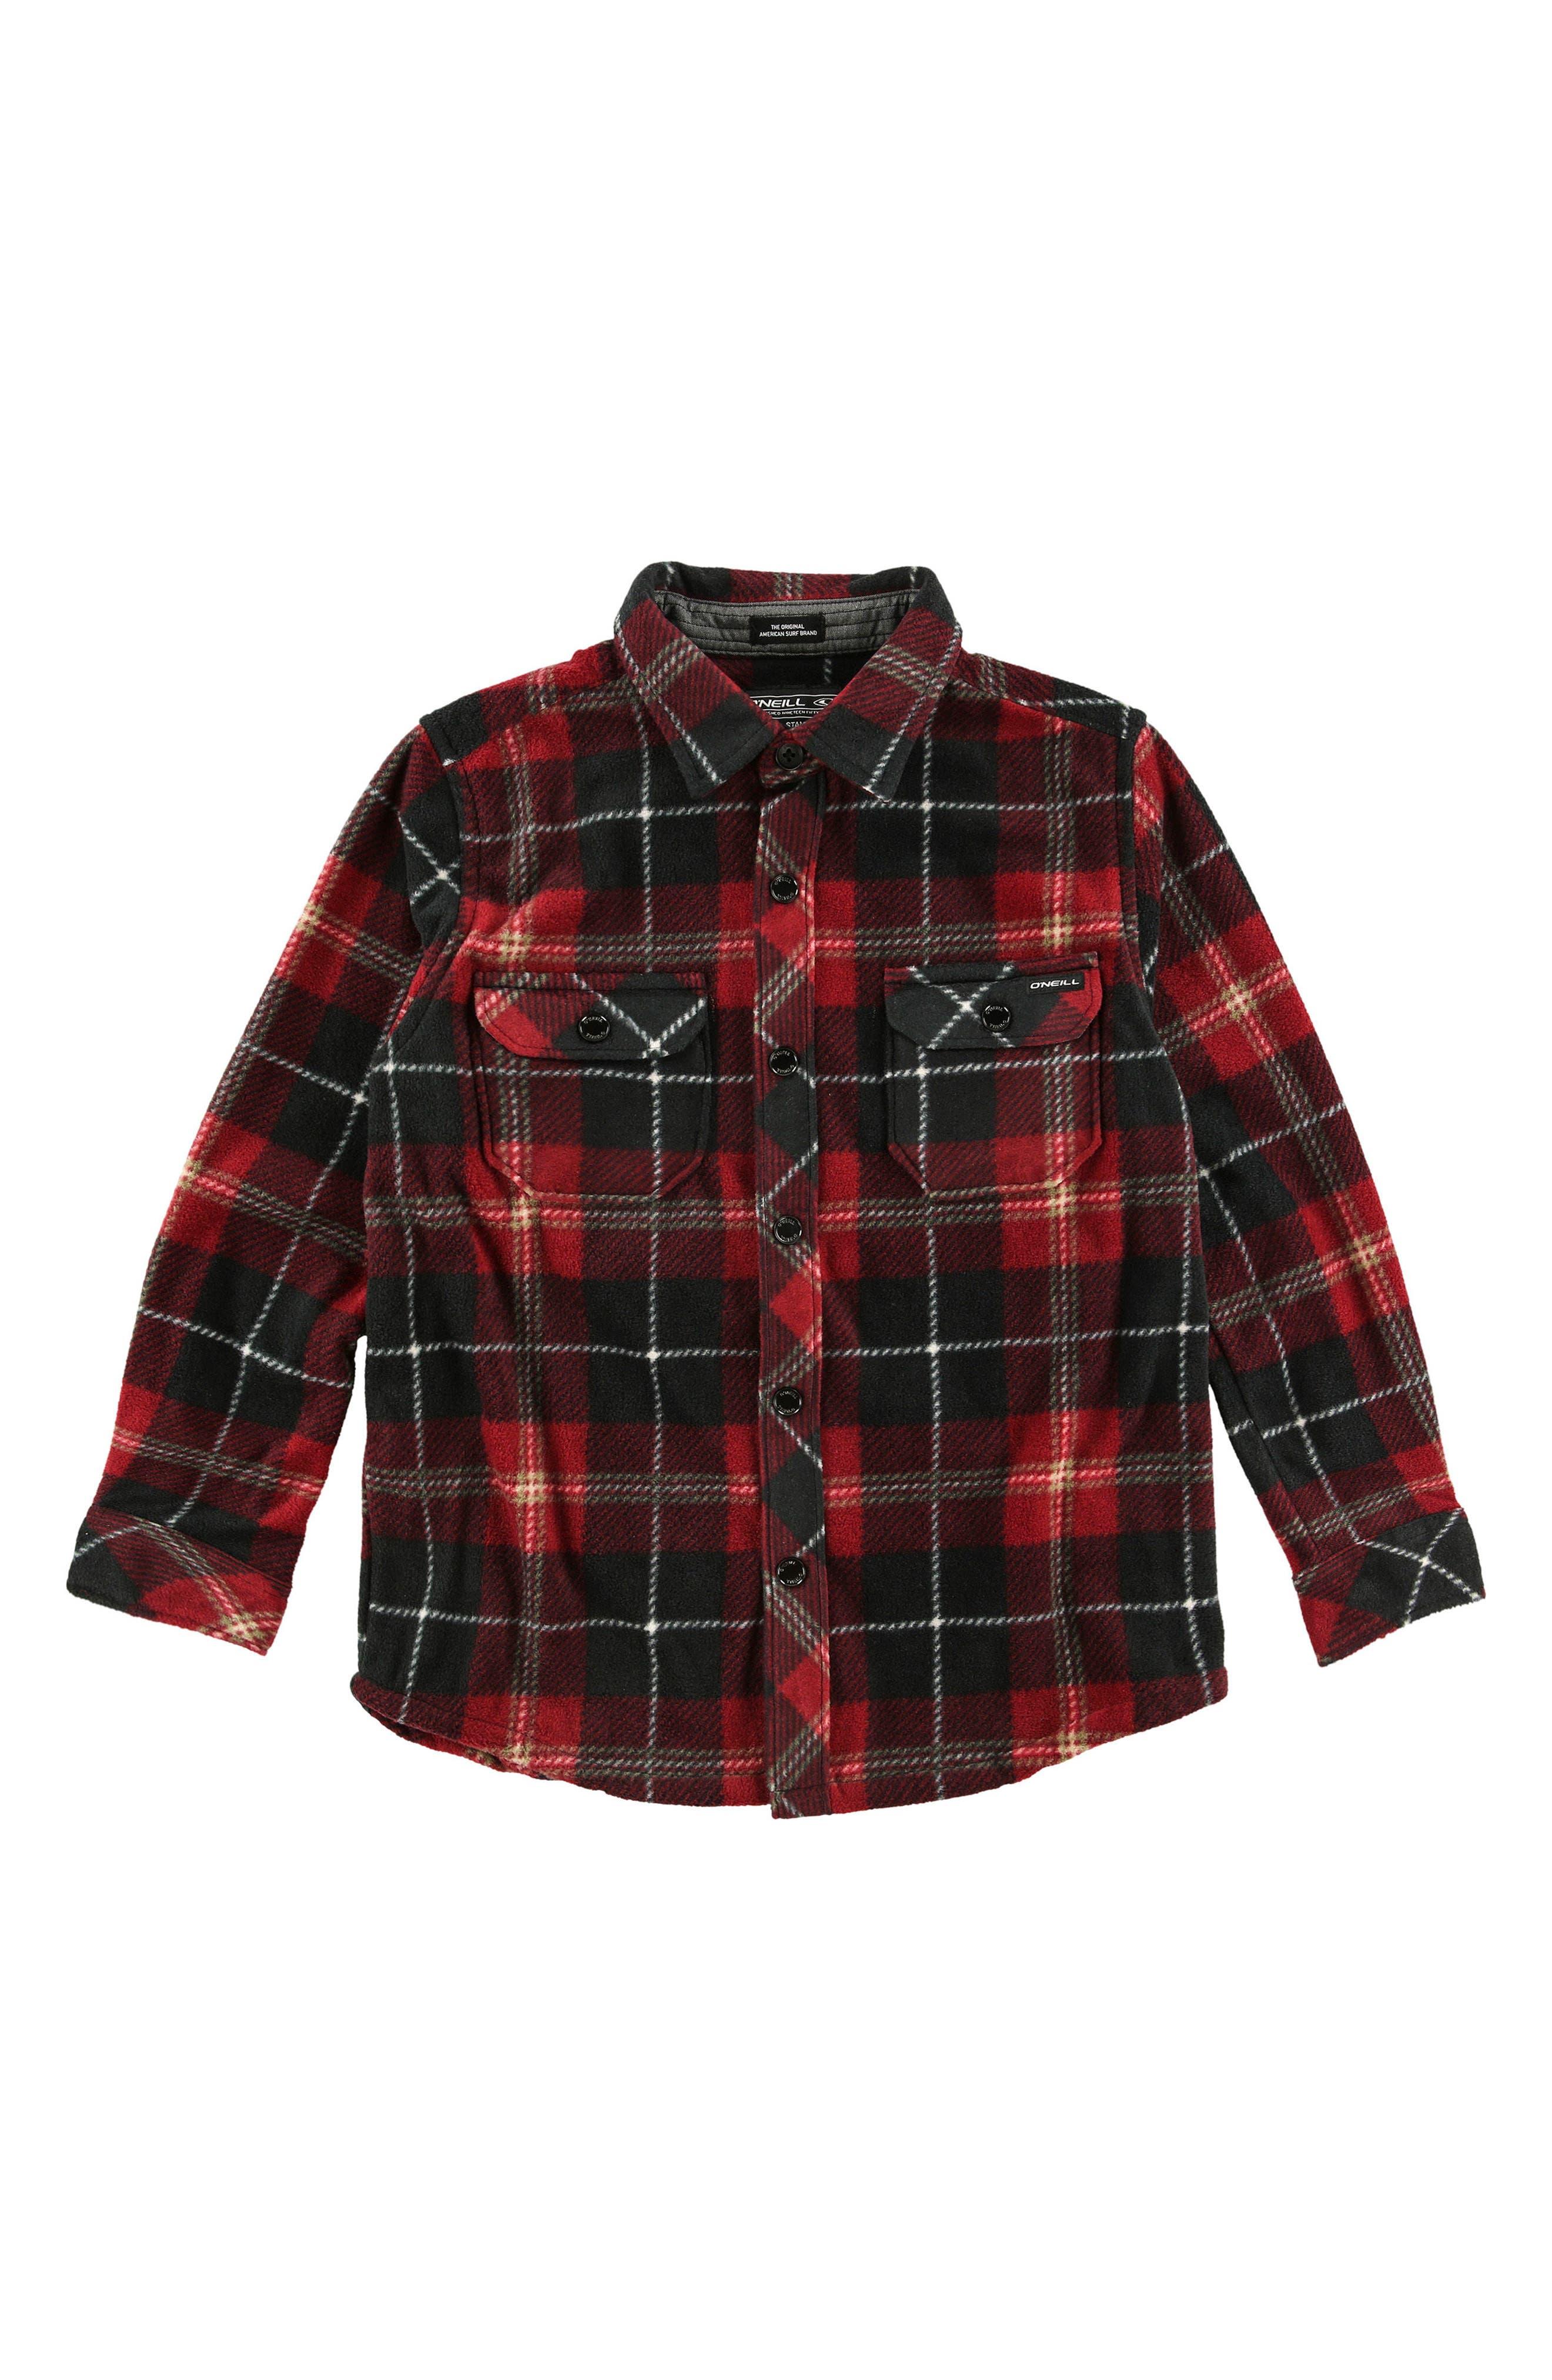 Glacier Plaid Shirt,                         Main,                         color, Black